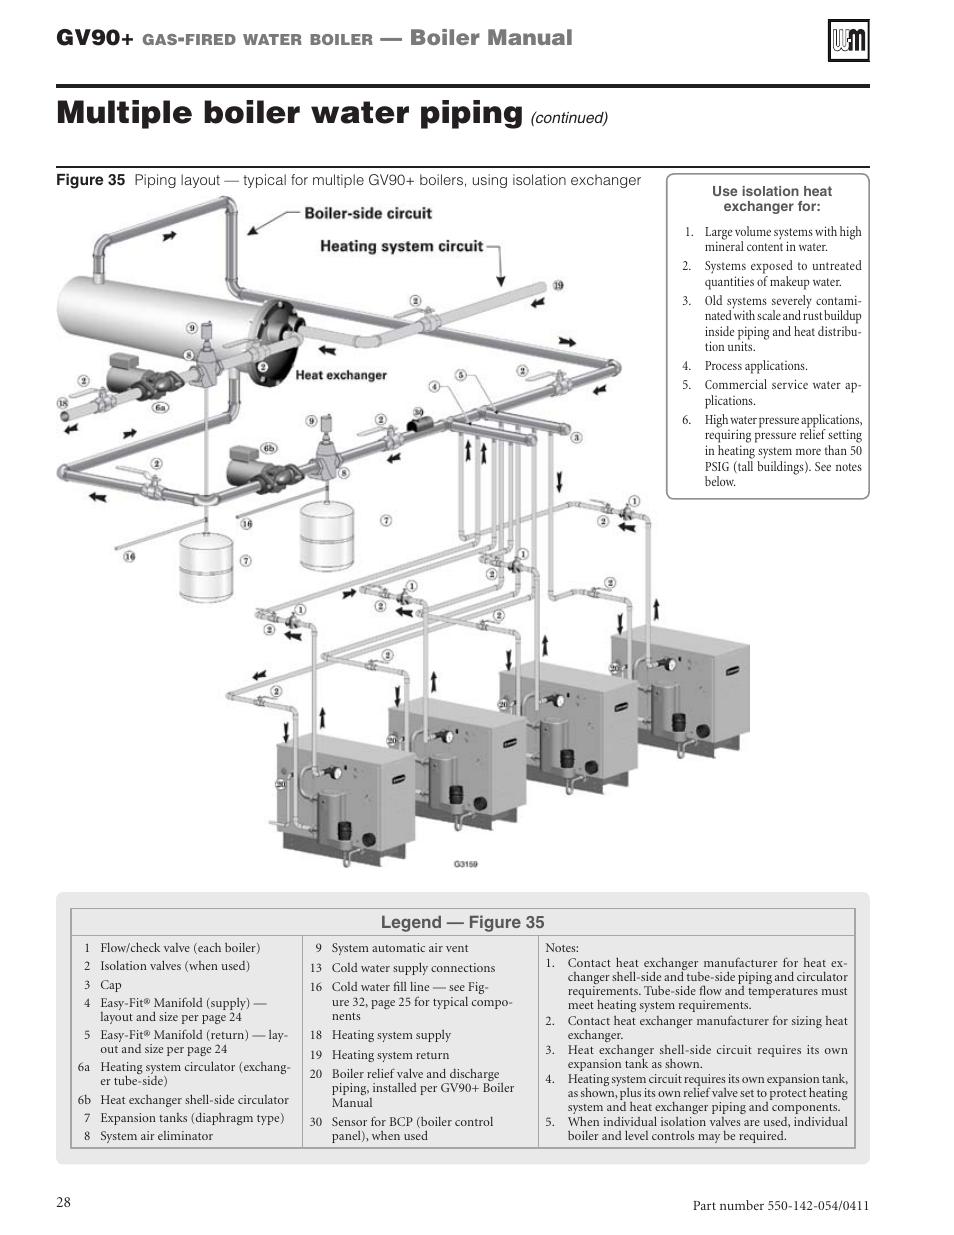 oil boiler diagram, weil mclain controls, boiler installation diagram, weil-mclain spark diagram, weil mclain transformer, weil-mclain boiler diagram, on weil mclain eg 45 wiring diagram